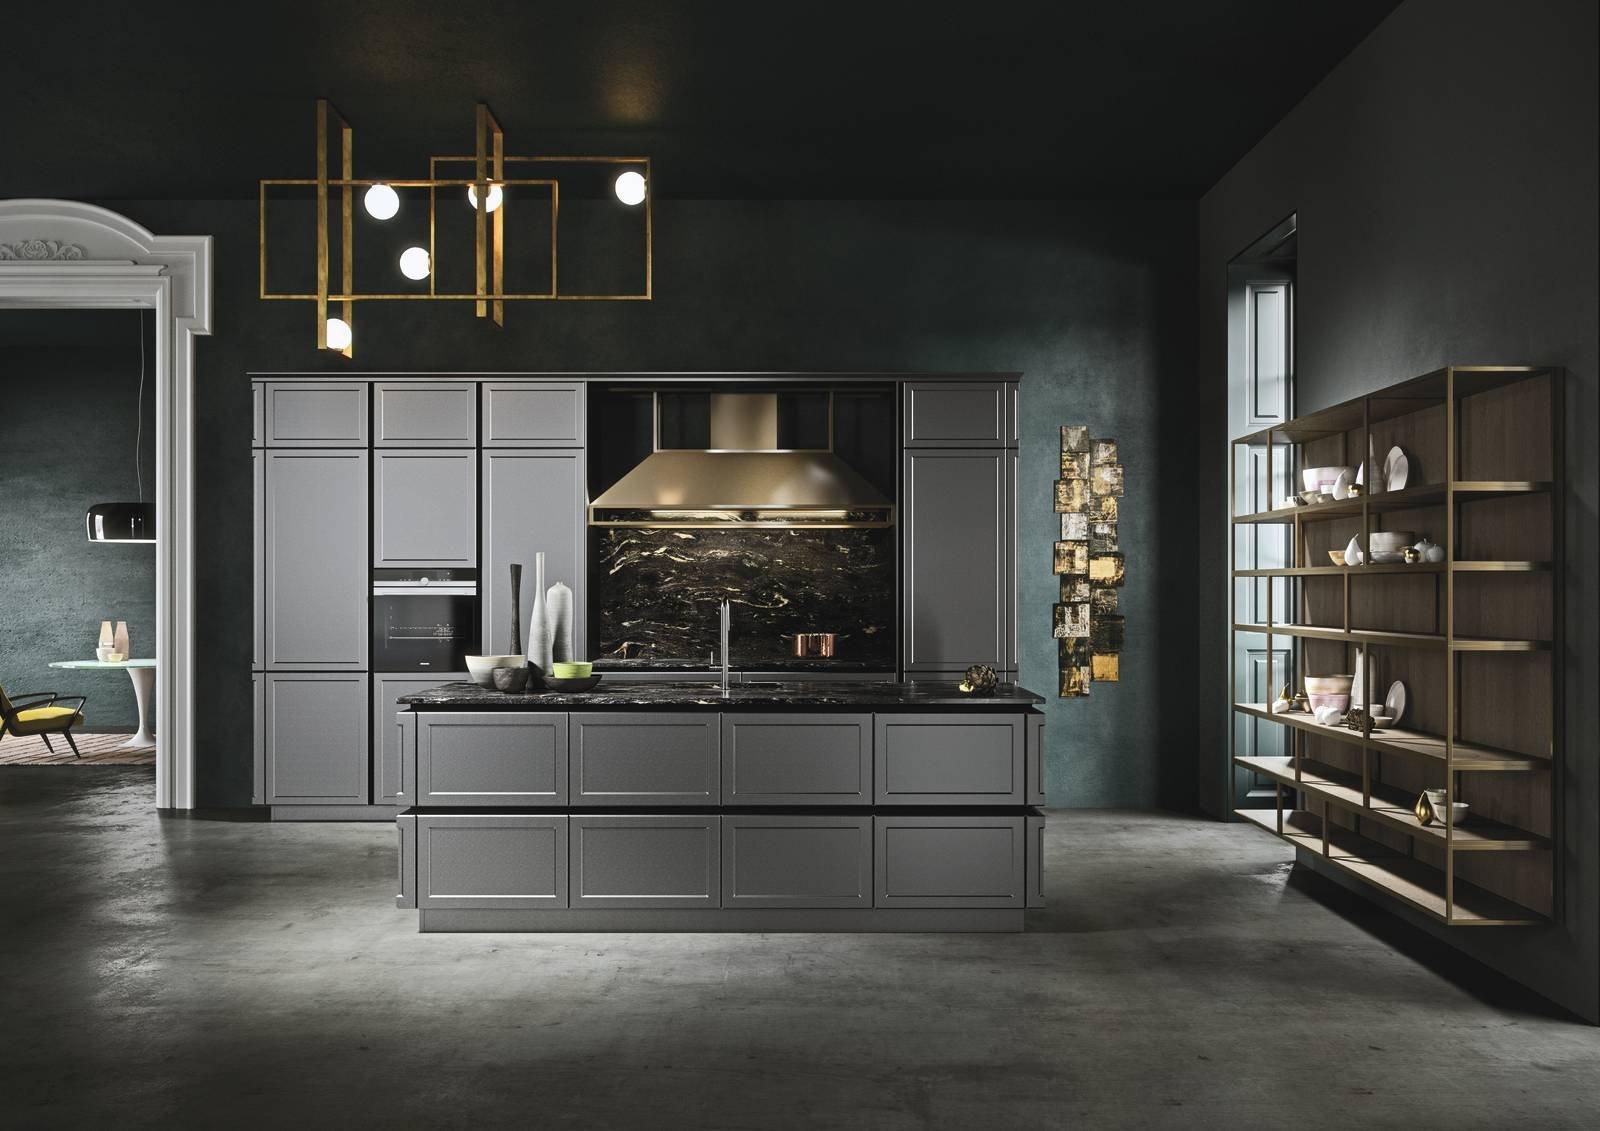 Piano della cucina lo scelgo super superfici d 39 alta gamma in evidenza cose di casa - Immagini di cucina ...